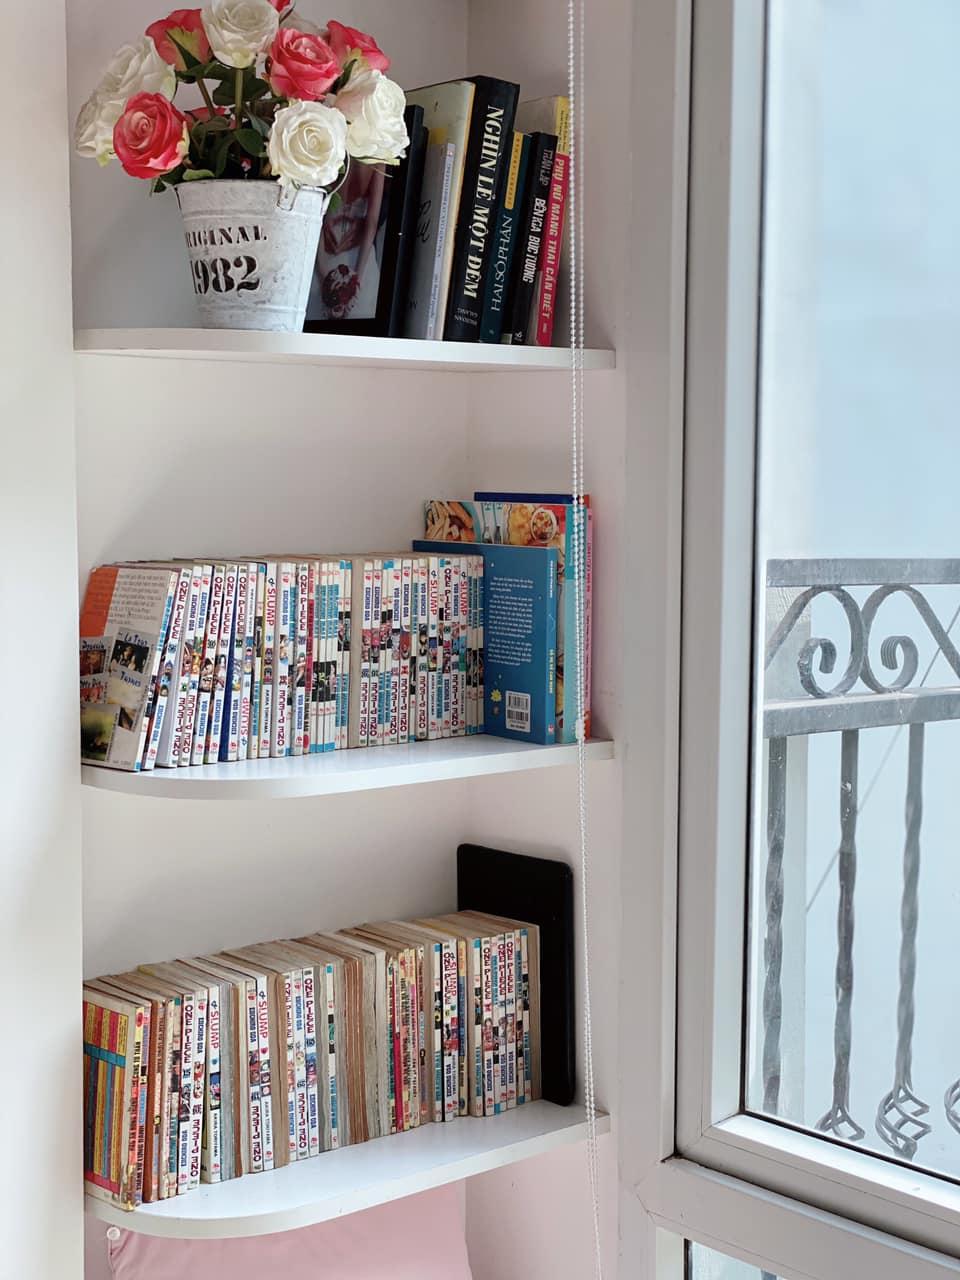 Kệ sách thiết kế sát tường, tận dụng góc chết của phòng